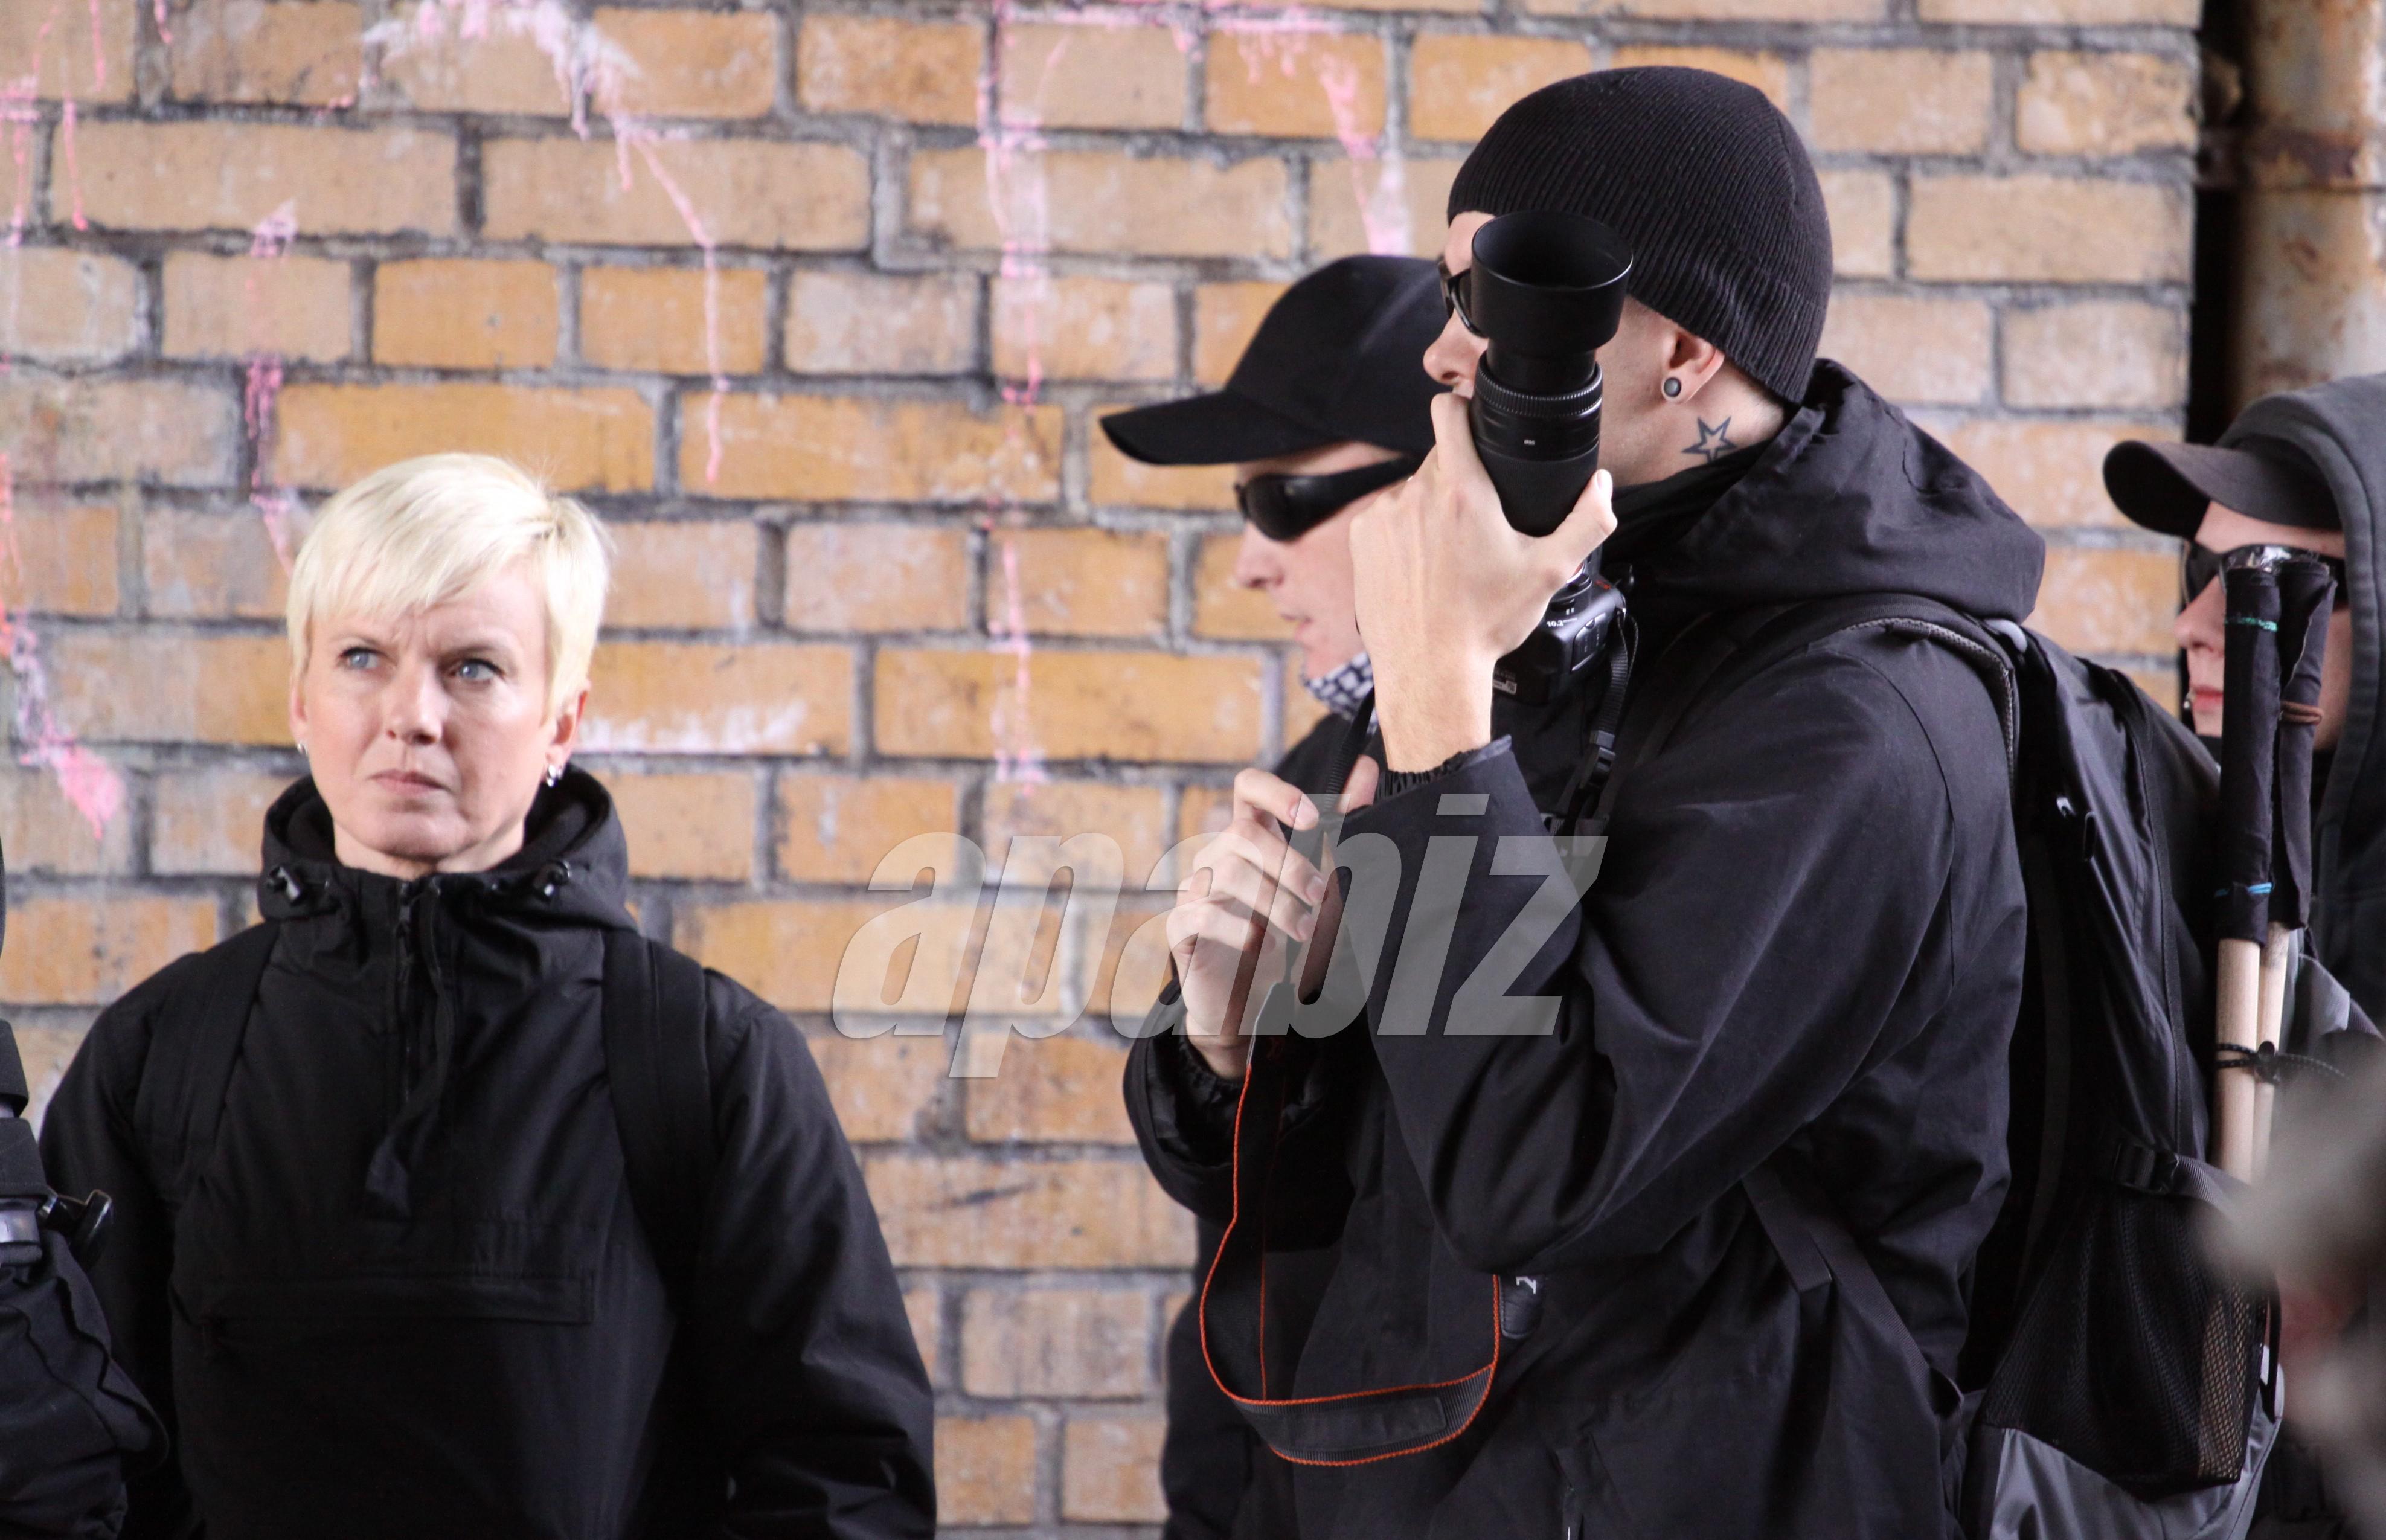 """Gute Kontakte: Manuela Kokott zusammen mit """"Anti-Antifa""""-Fotografen auf einer NPD-Veranstaltung am 18.September 2010 in Berlin-Schöneweide. (Foto: apabiz)"""